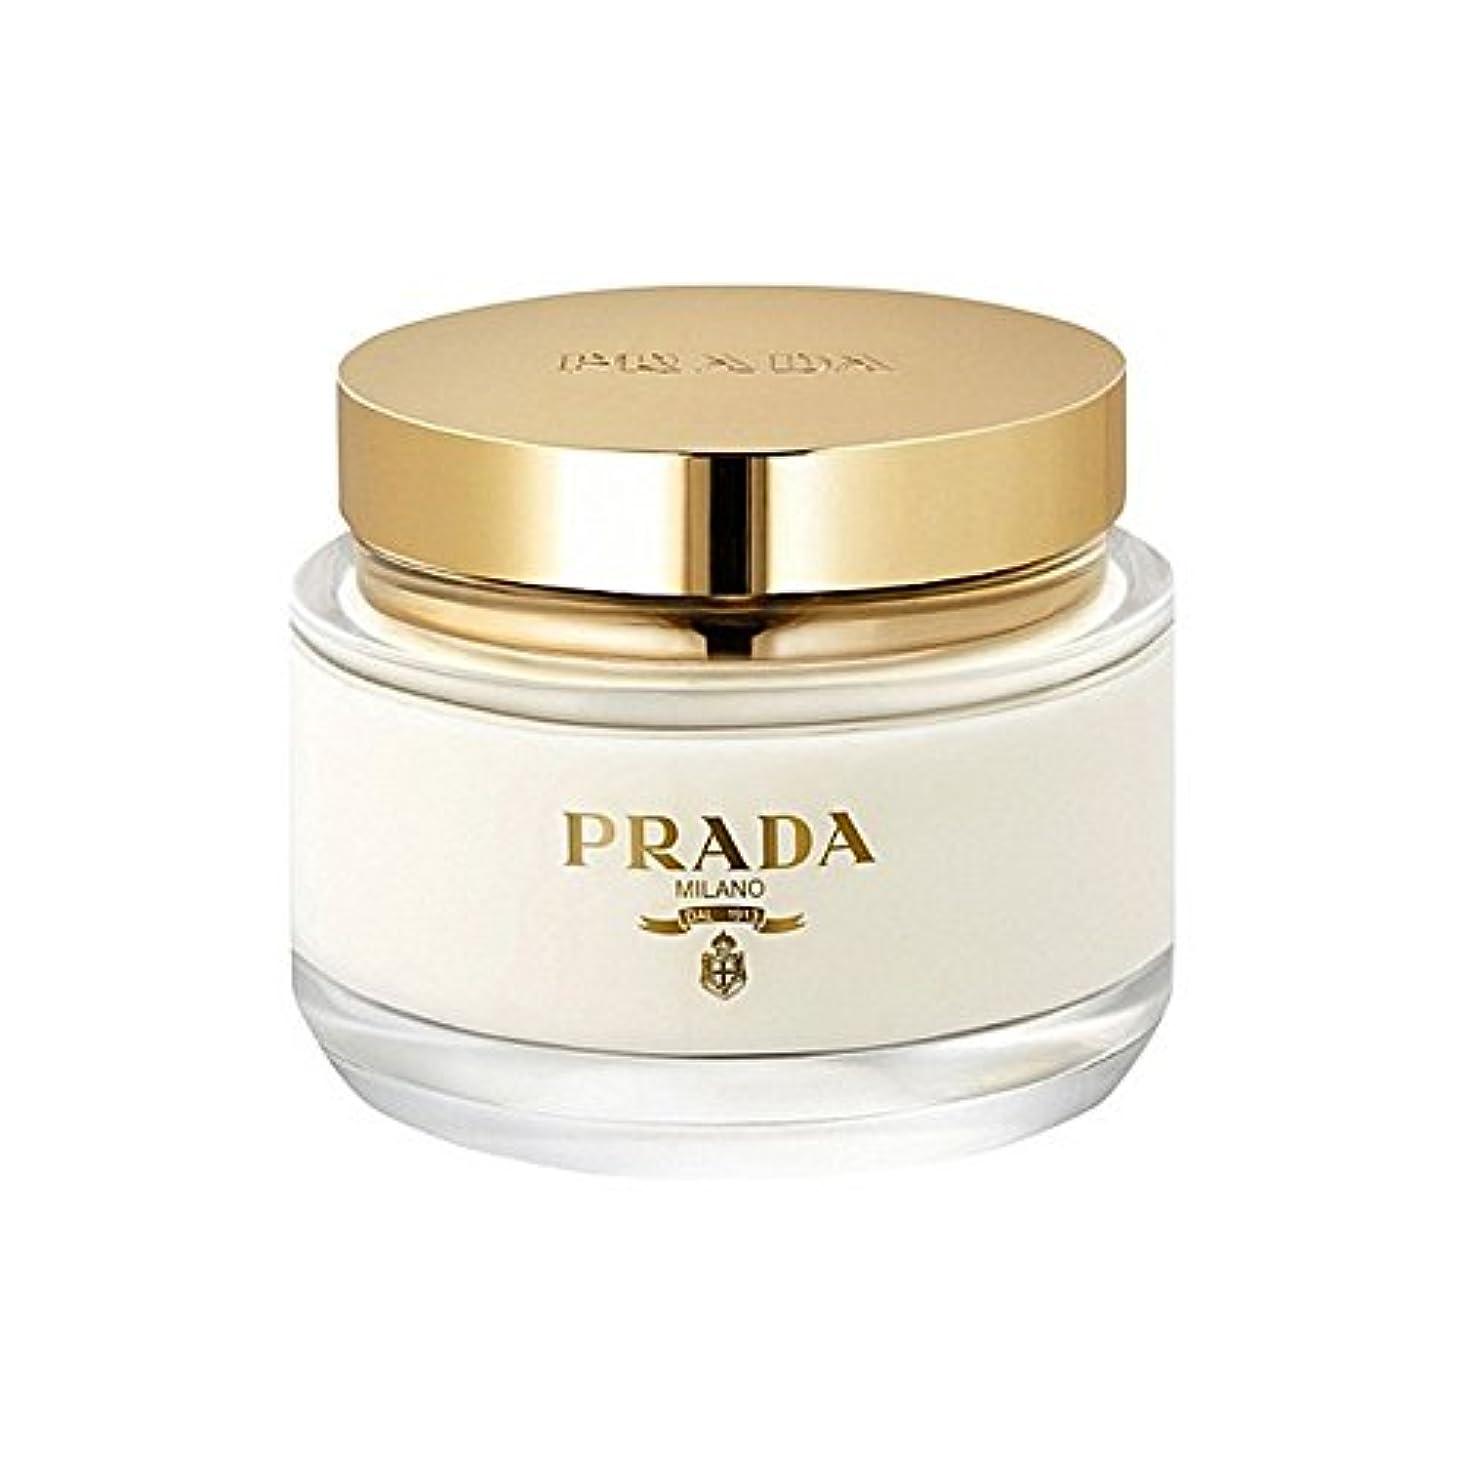 アクセルに向かって住人プラダラファムボディクリーム200ミリリットル x4 - Prada La Femme Body Cream 200ml (Pack of 4) [並行輸入品]